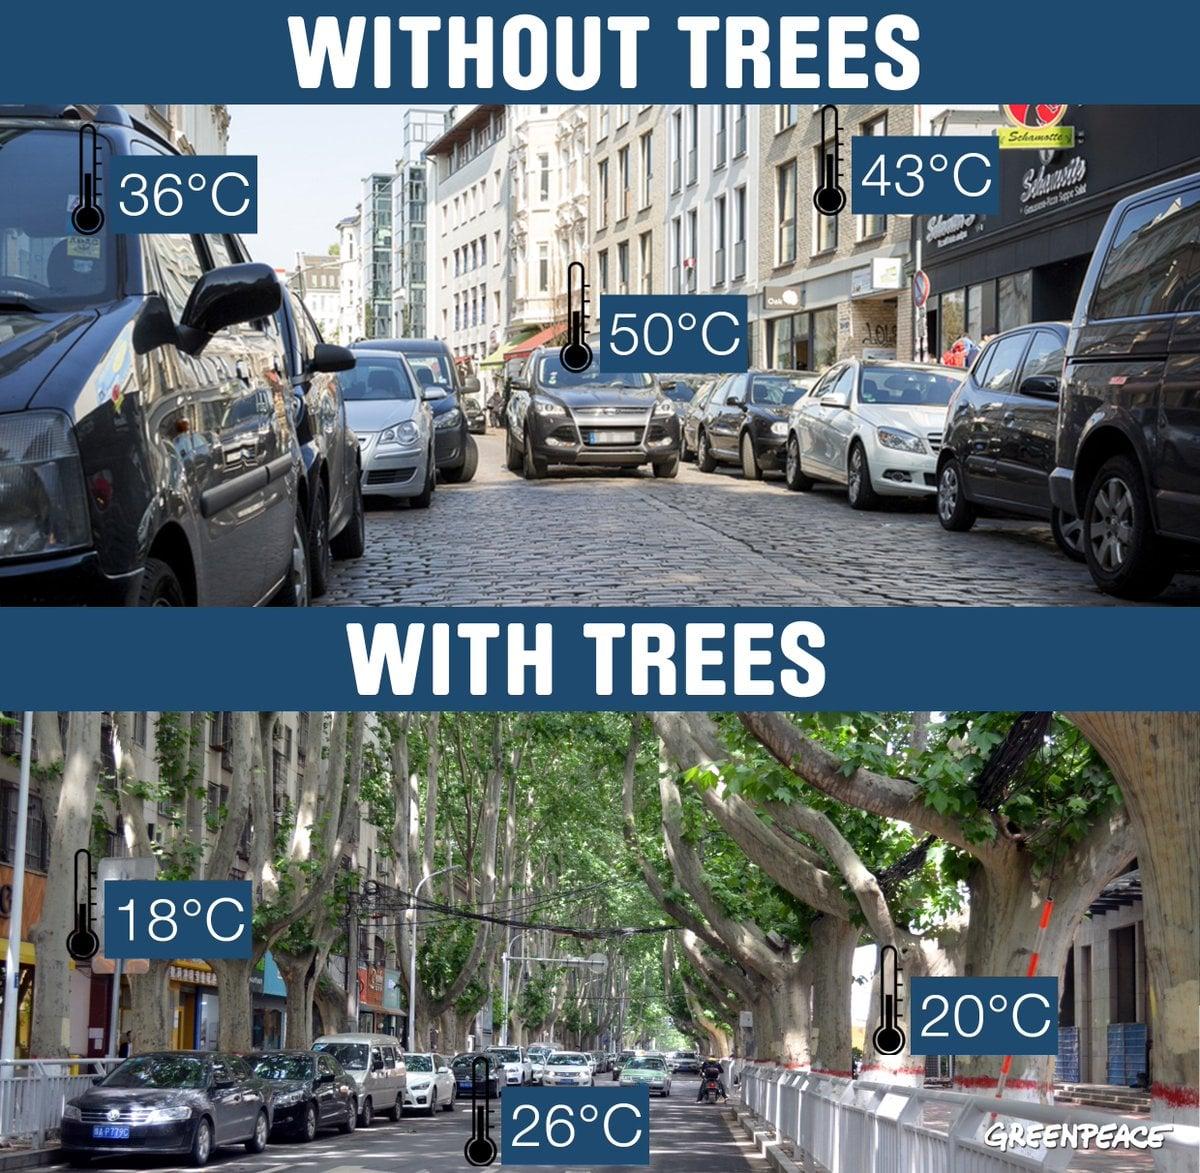 в тіні дерев набагато свіжіше та прохолодніше, ніж на розпеченій плитці чи асфальті